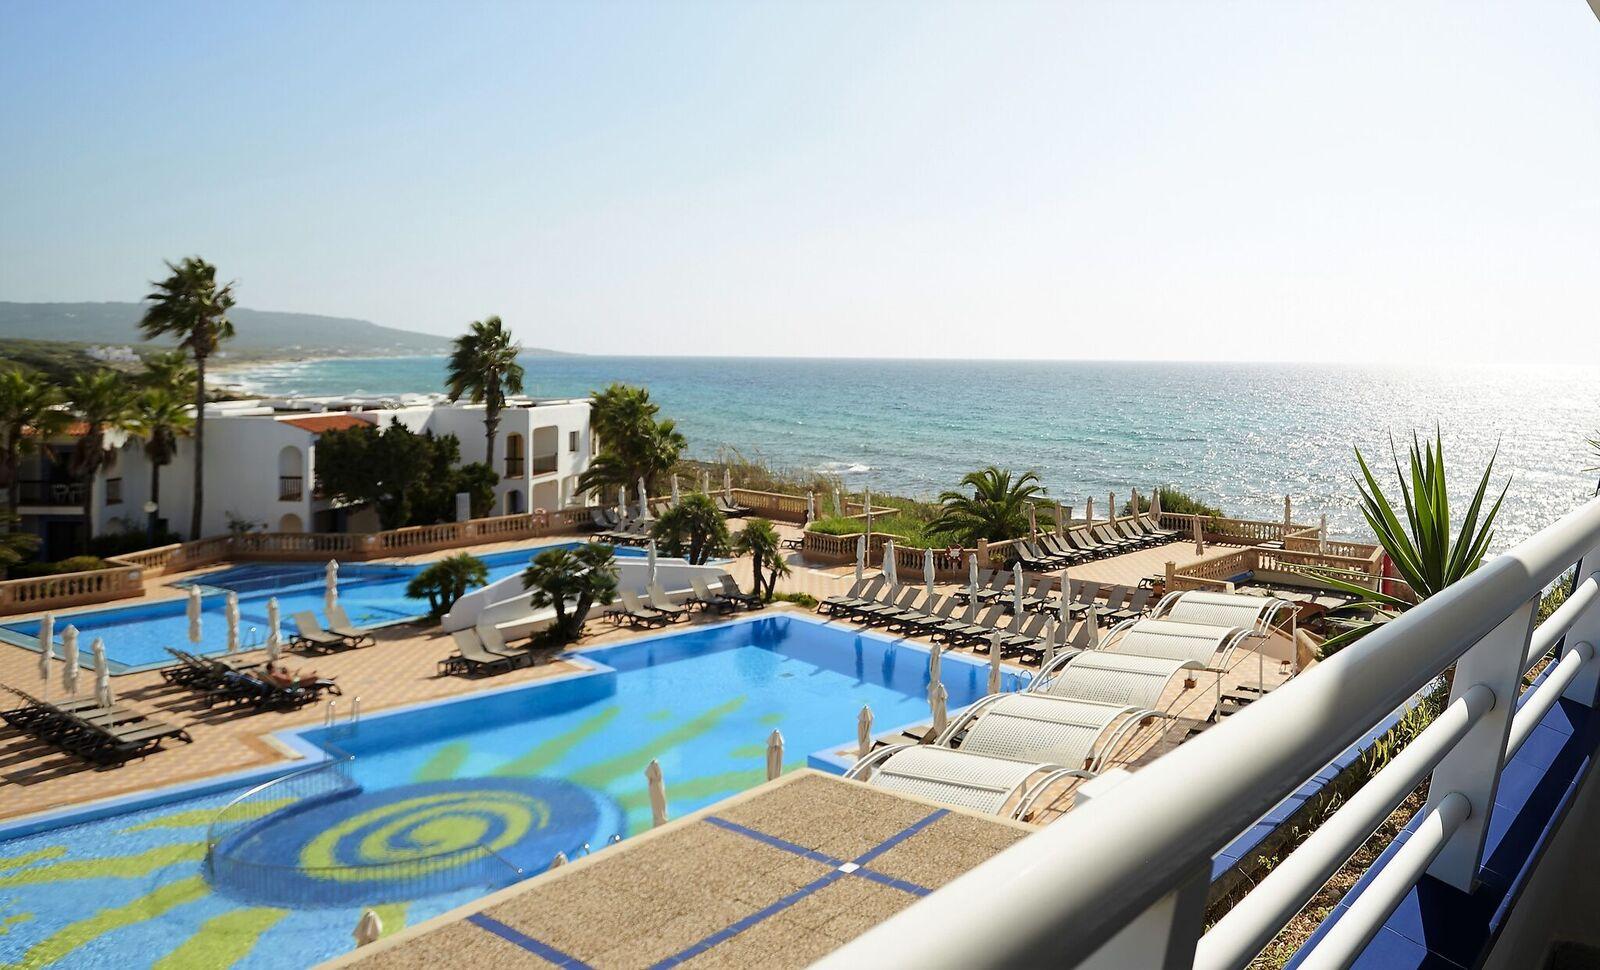 Insotel Formentera Playa - Touristic Service GmbH